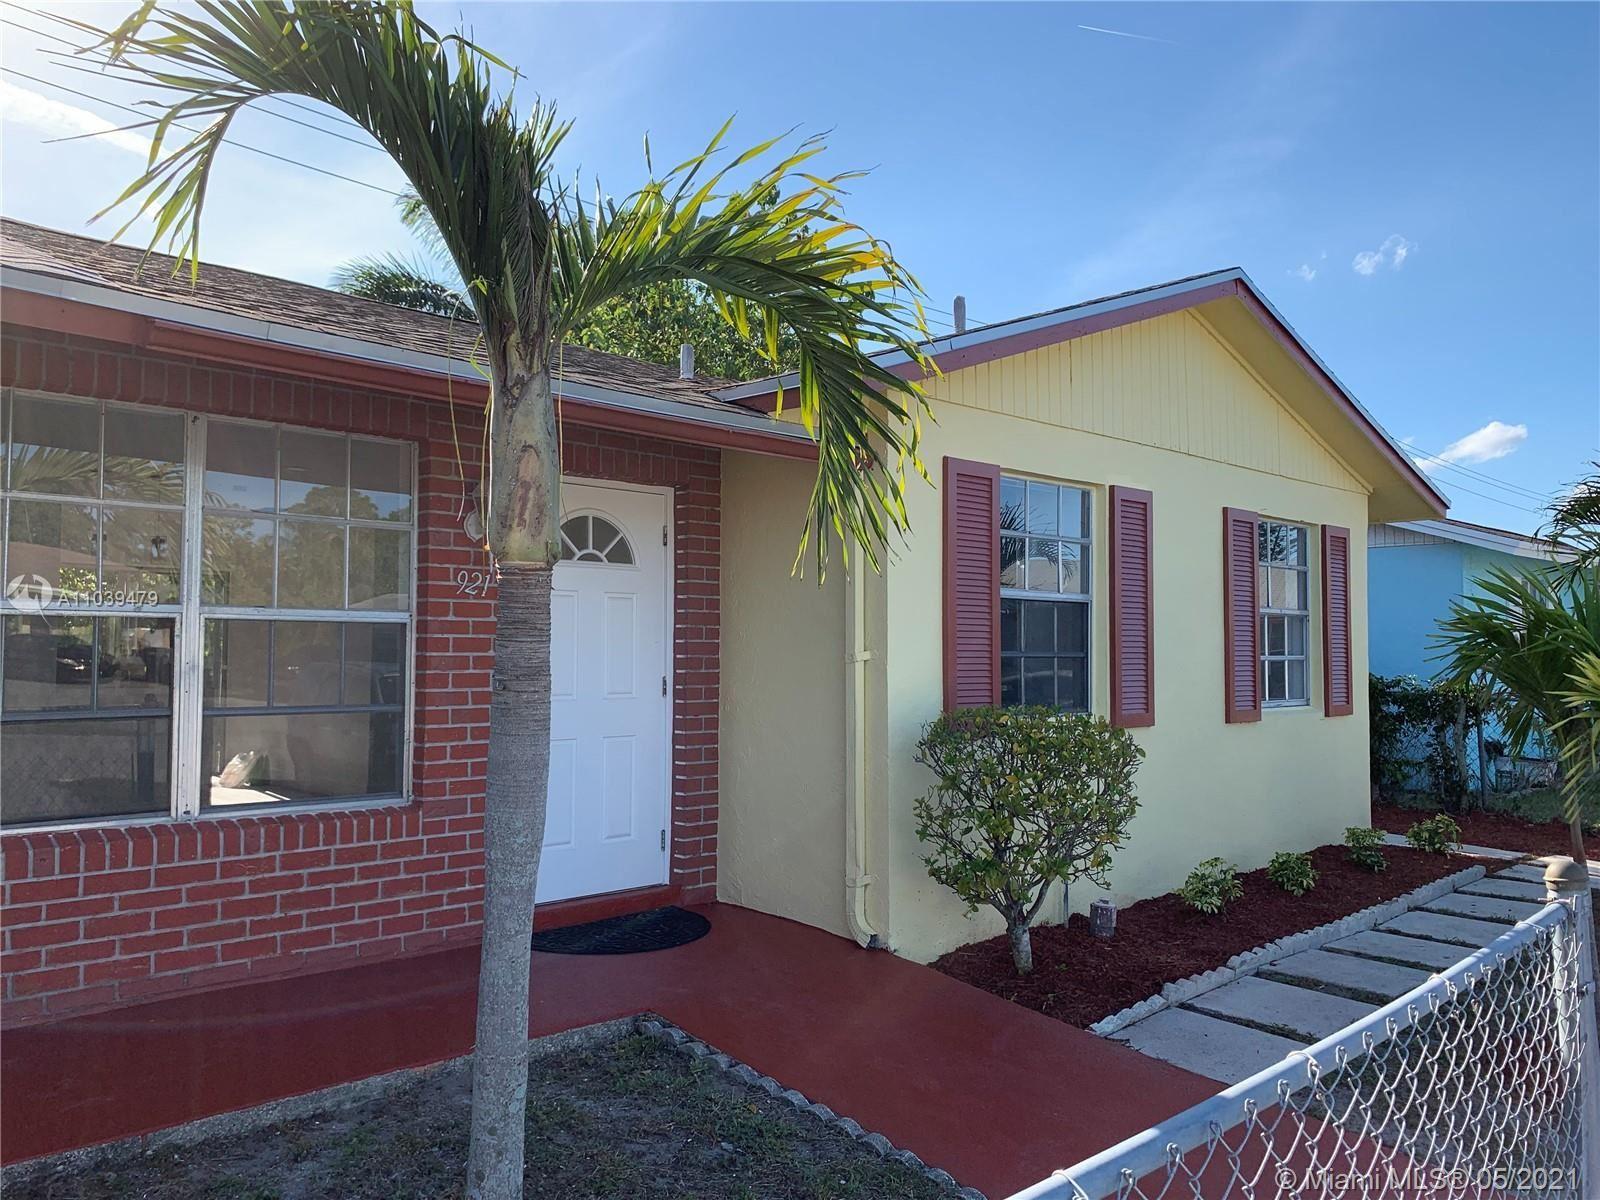 921 W Sumter Rd W #921, West Palm Beach, FL 33415 - #: A11039479